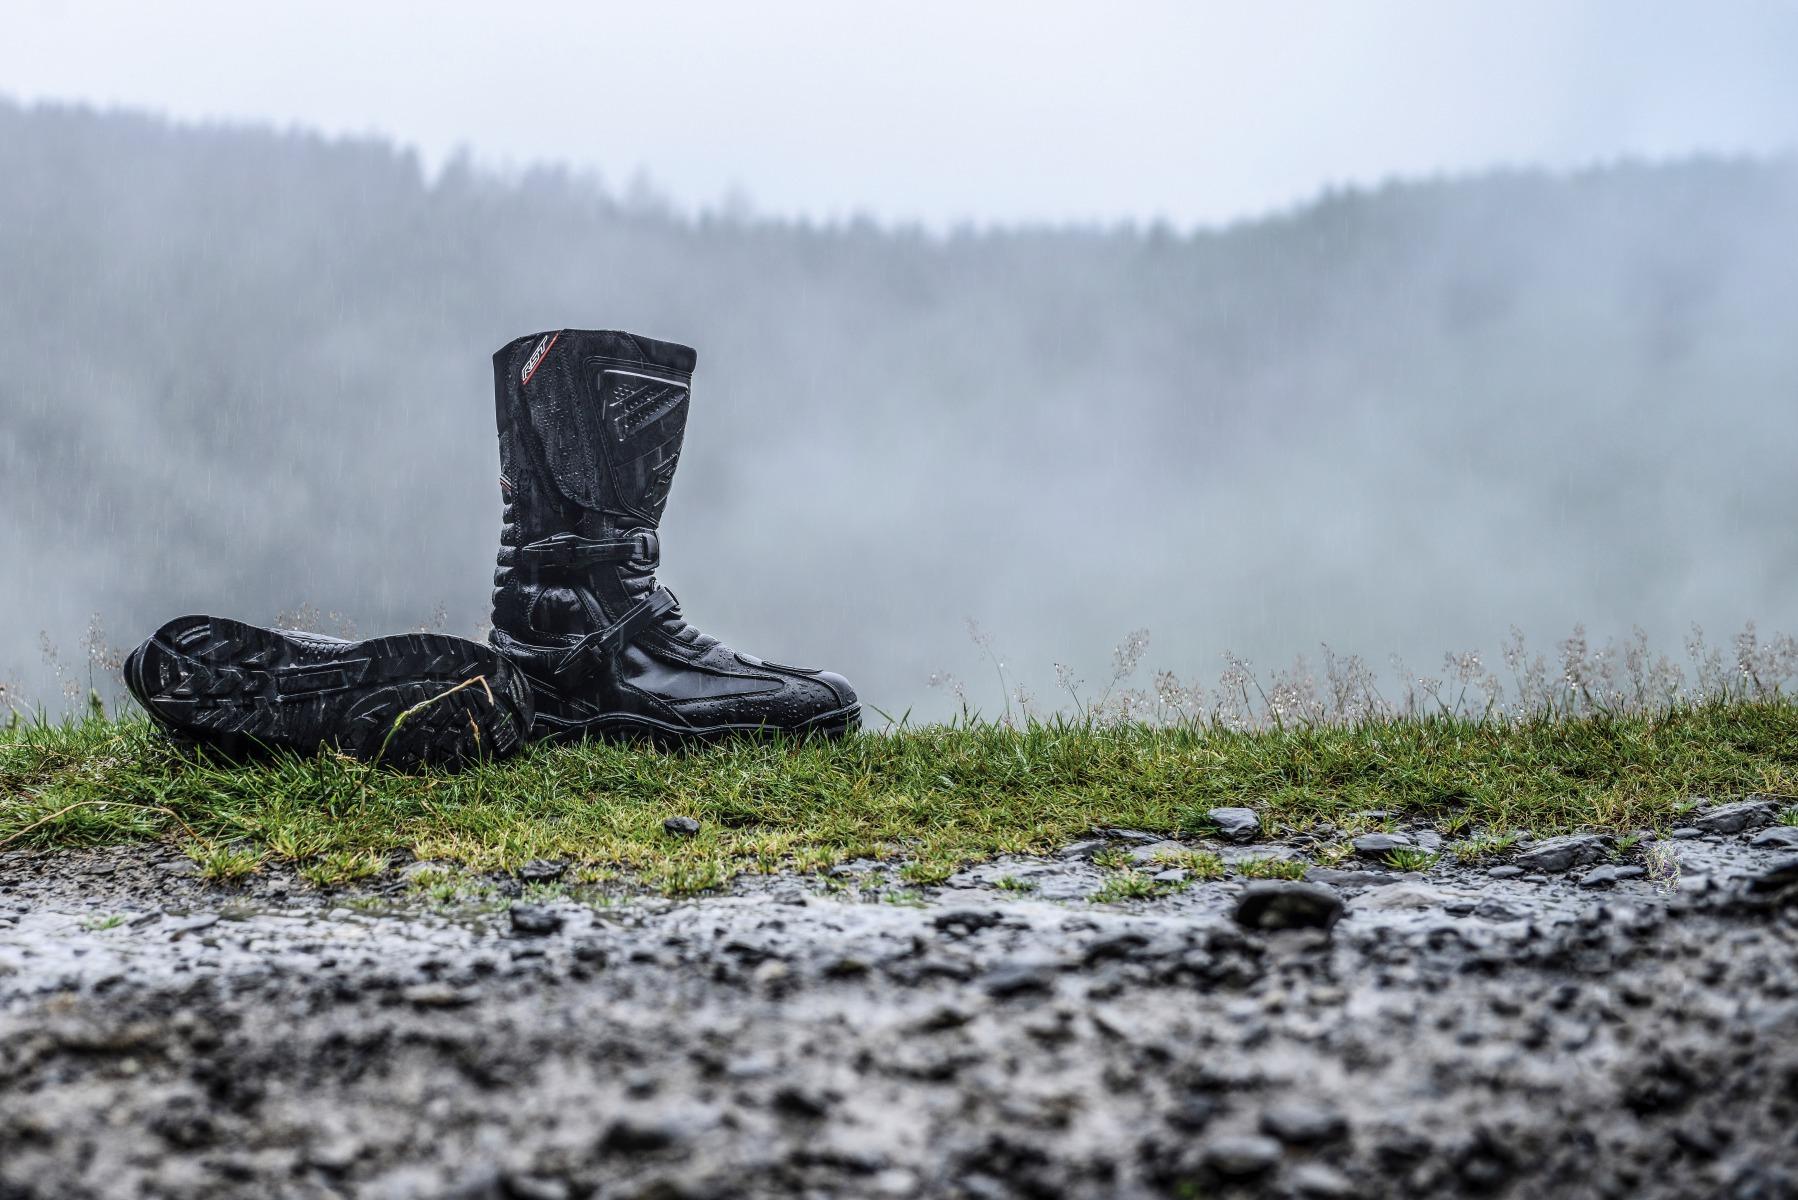 101656-rst-adventure-ii-waterproof-boot-lifestyle-01